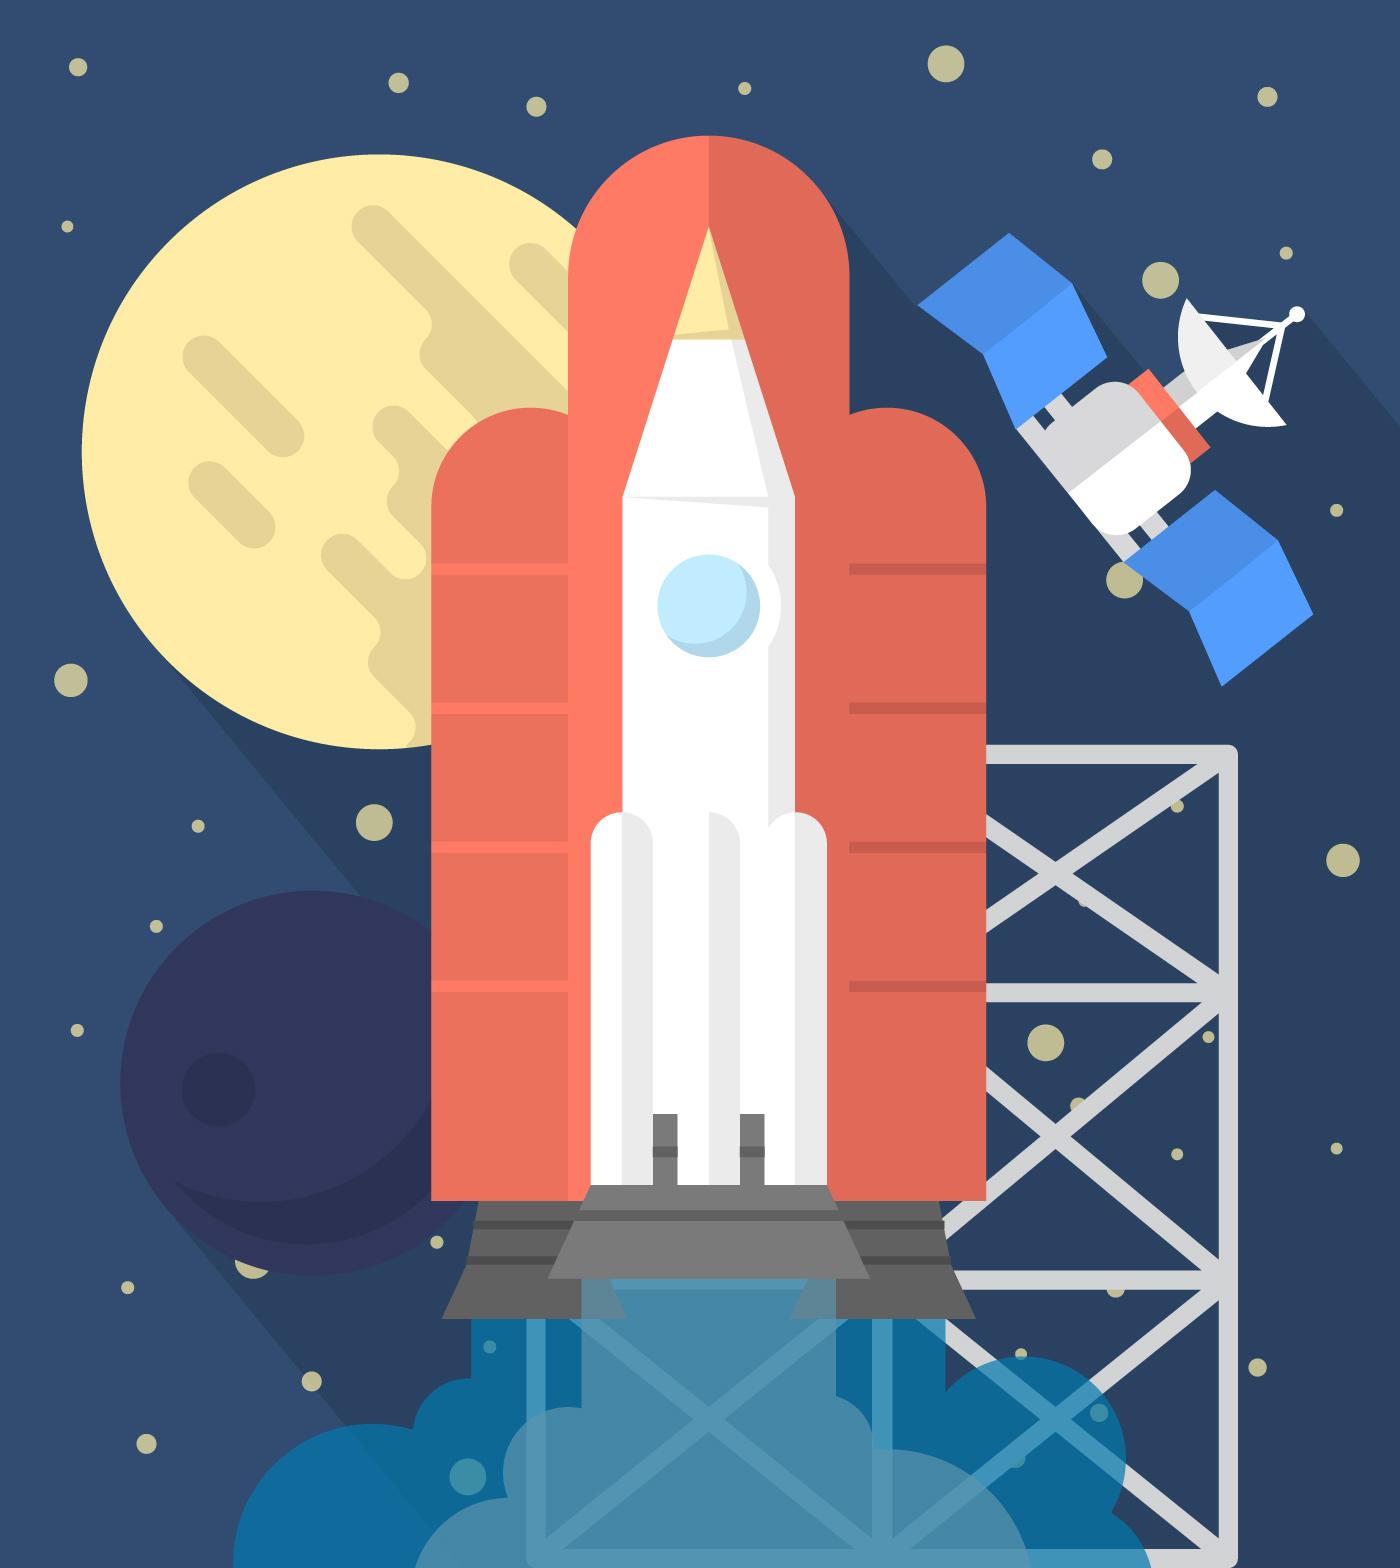 future rocket svg - HD1400×1568